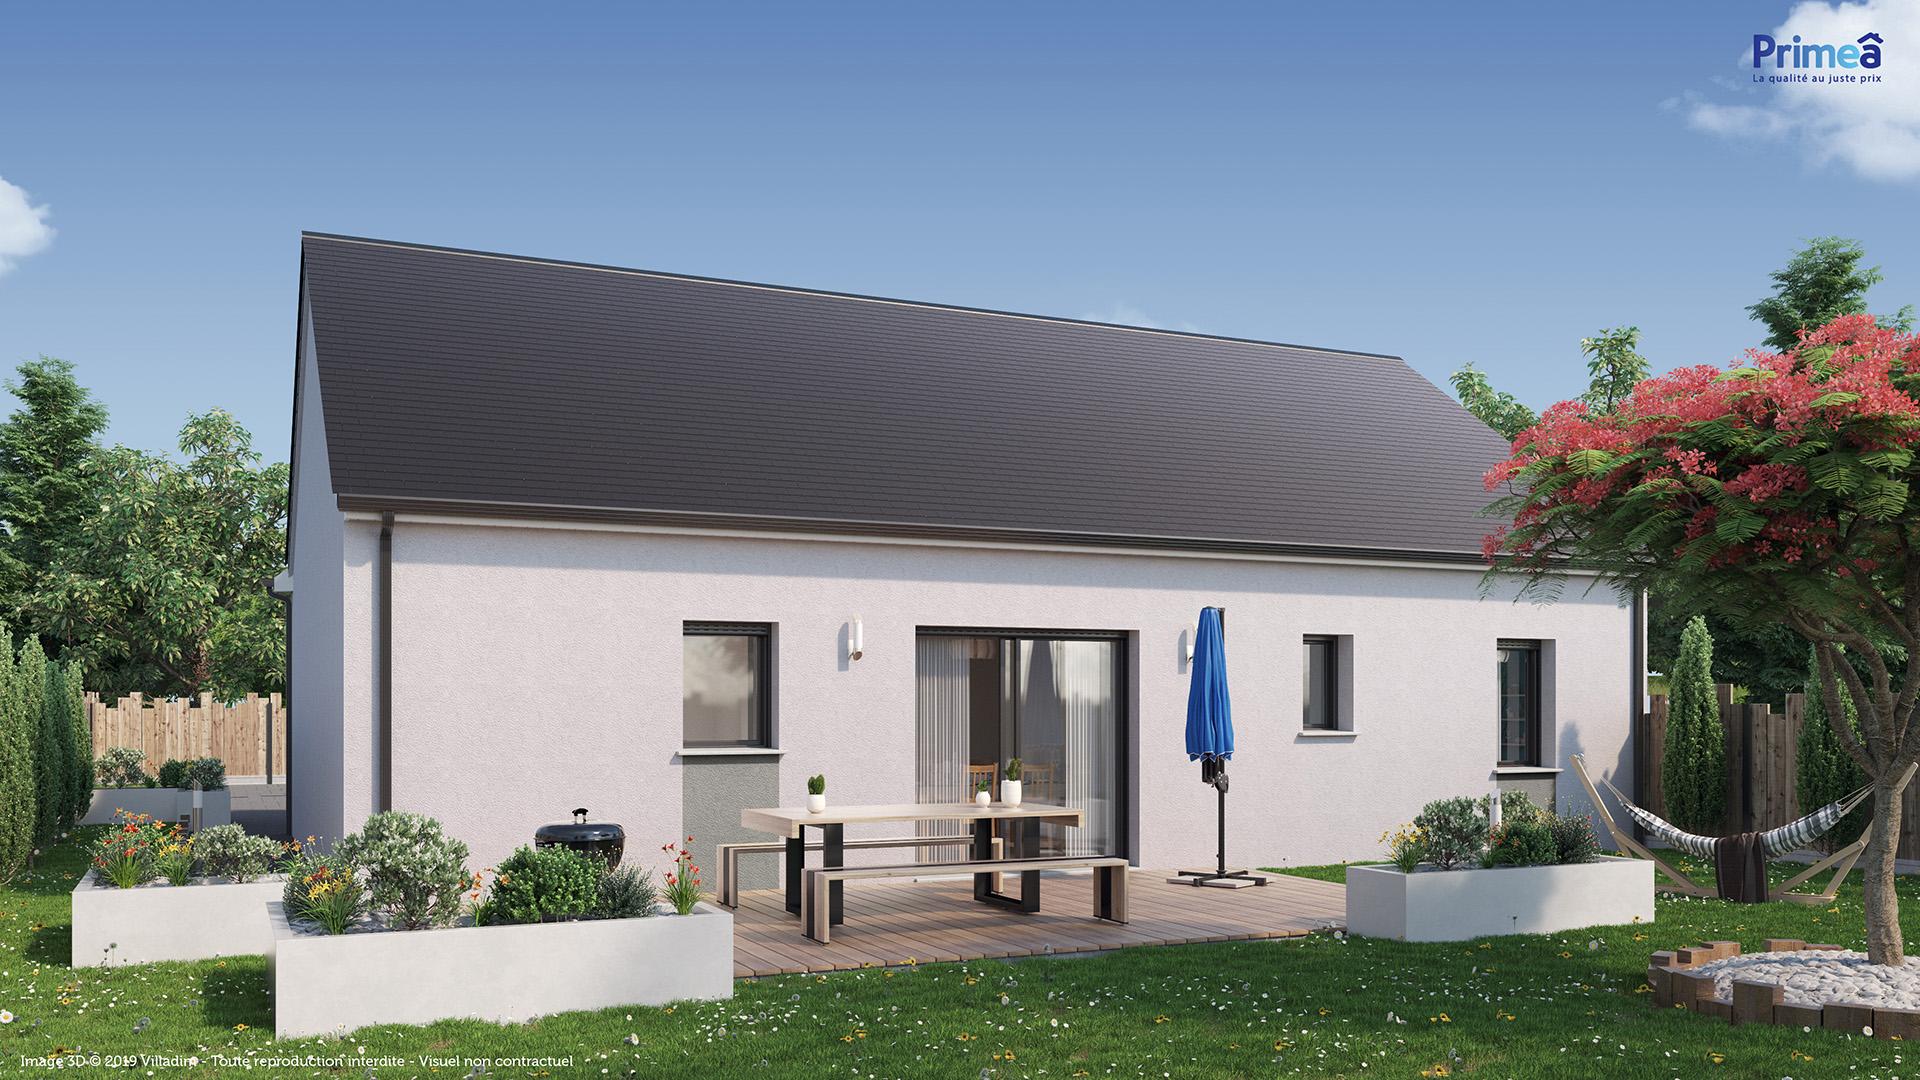 Maison à vendre à Poligny